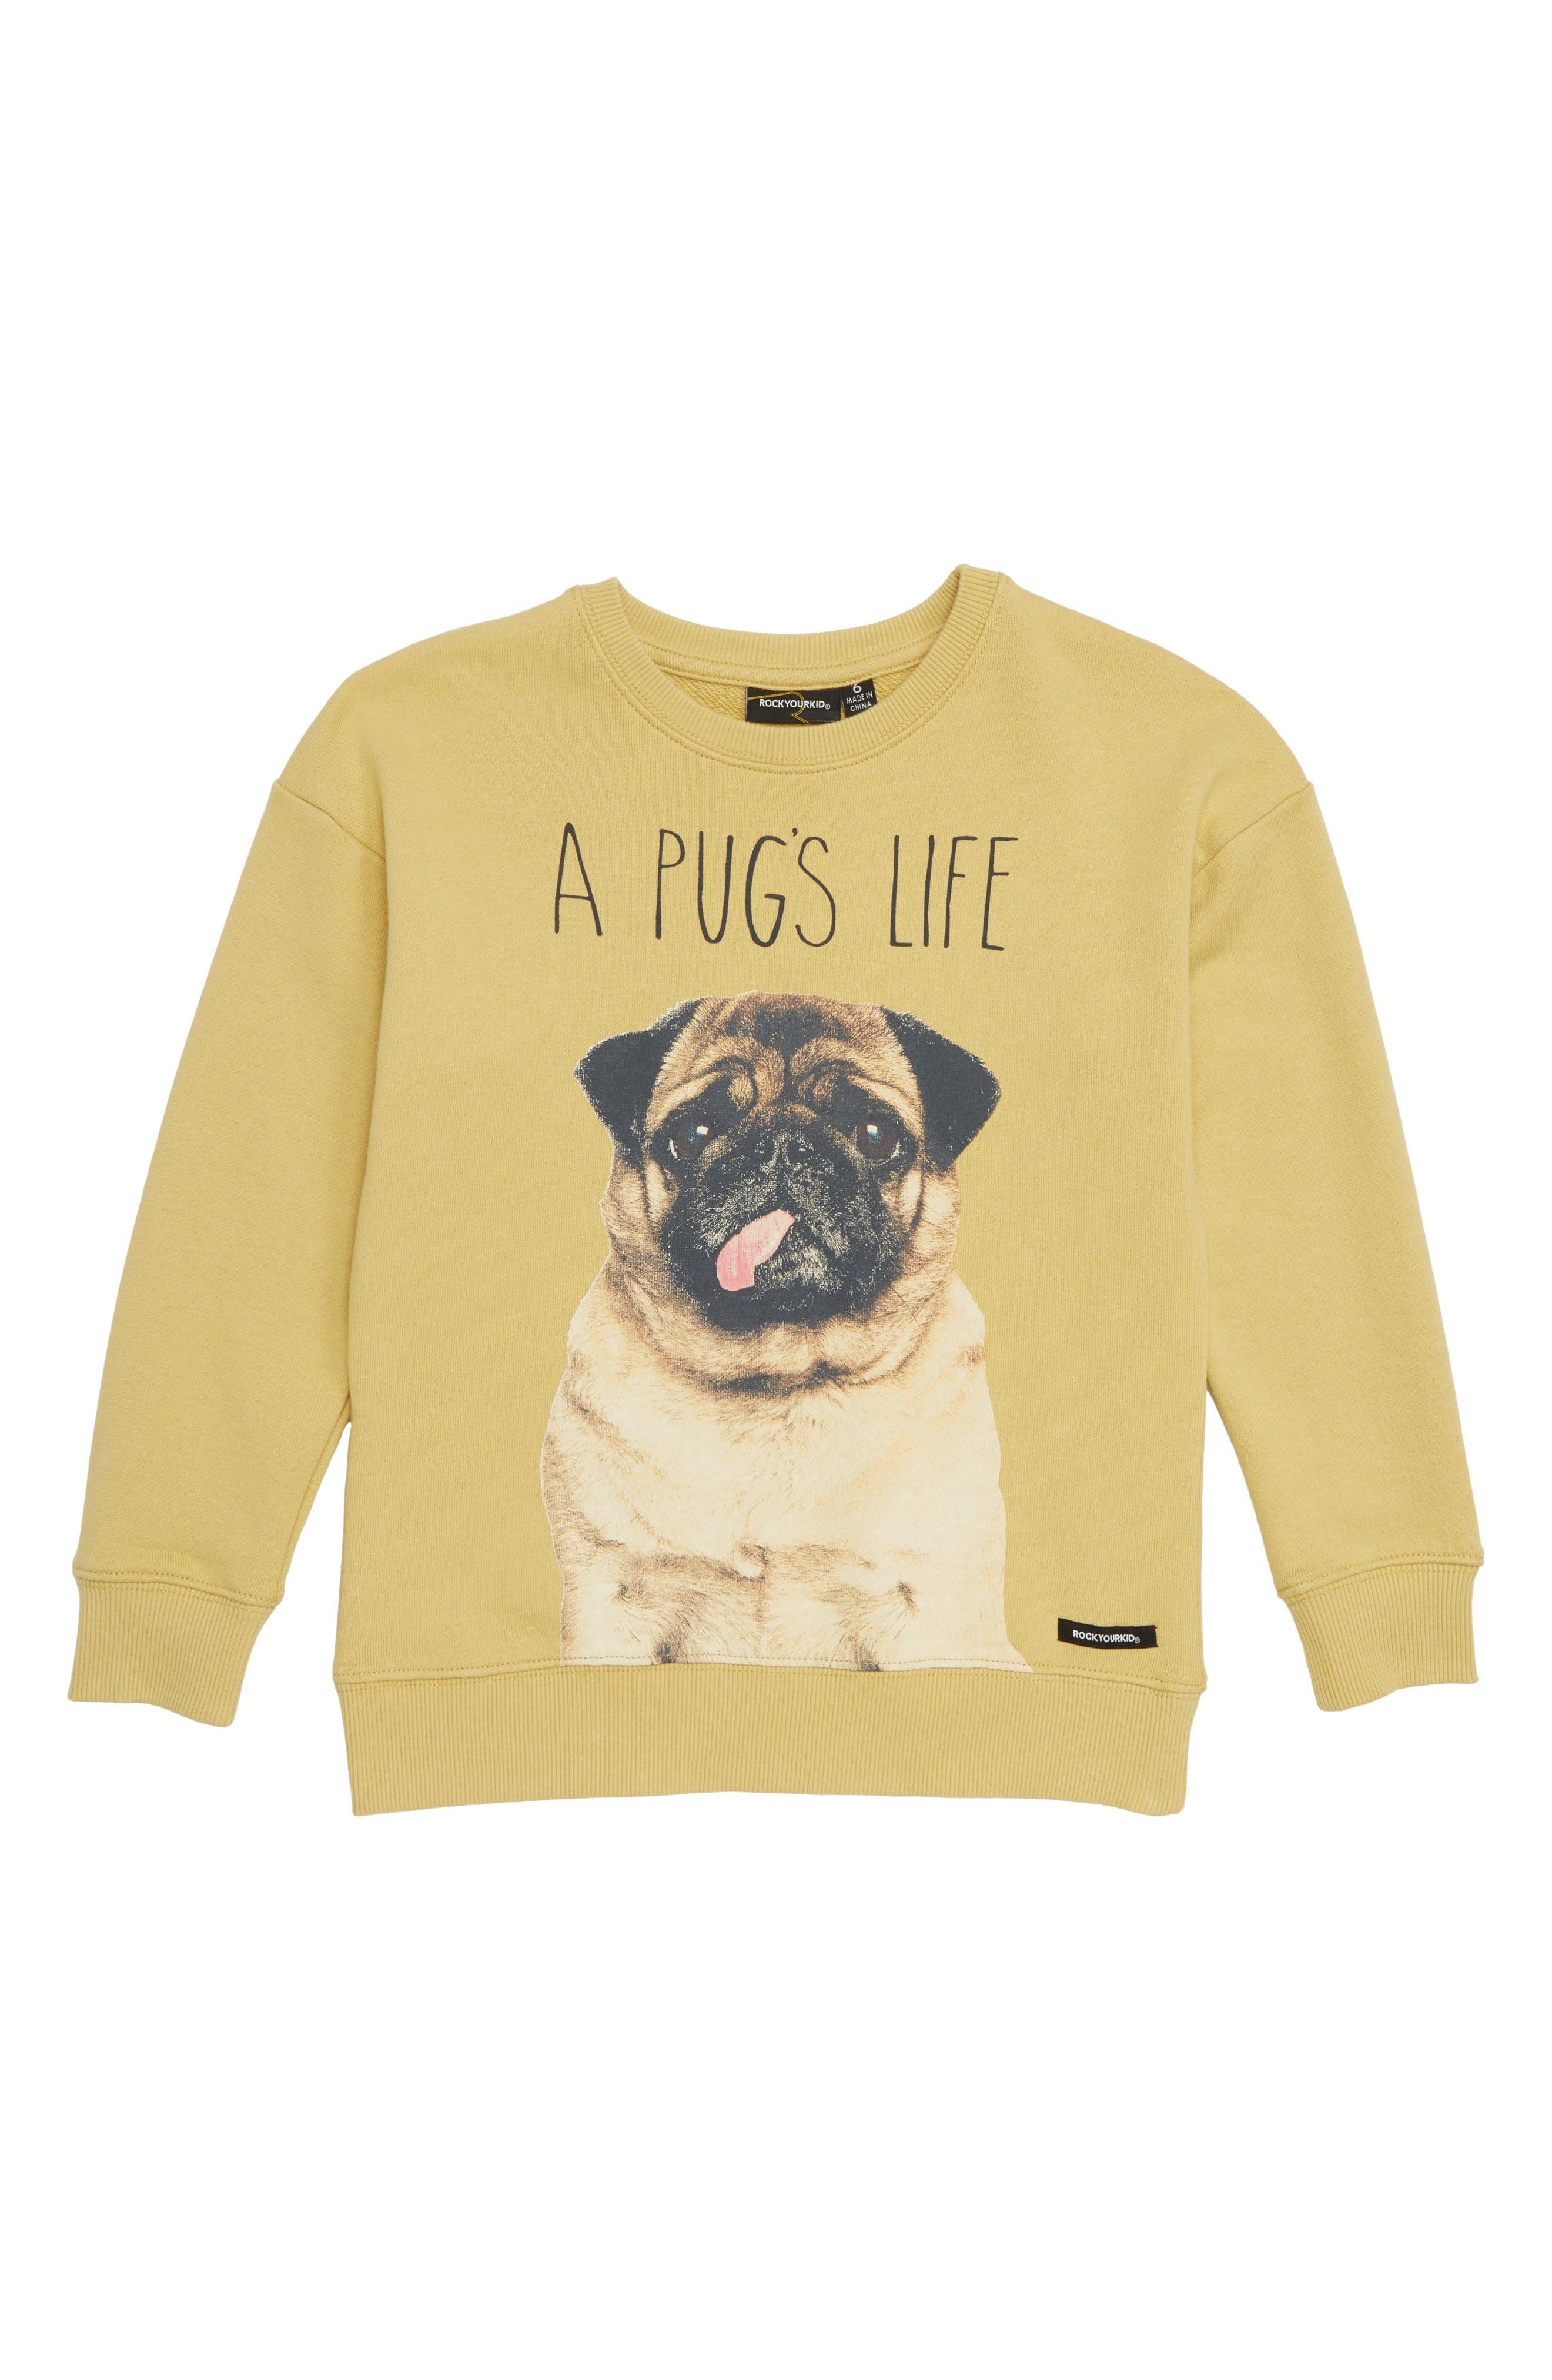 A Pug's Life Sweatshirt,                             Main thumbnail 1, color,                             250